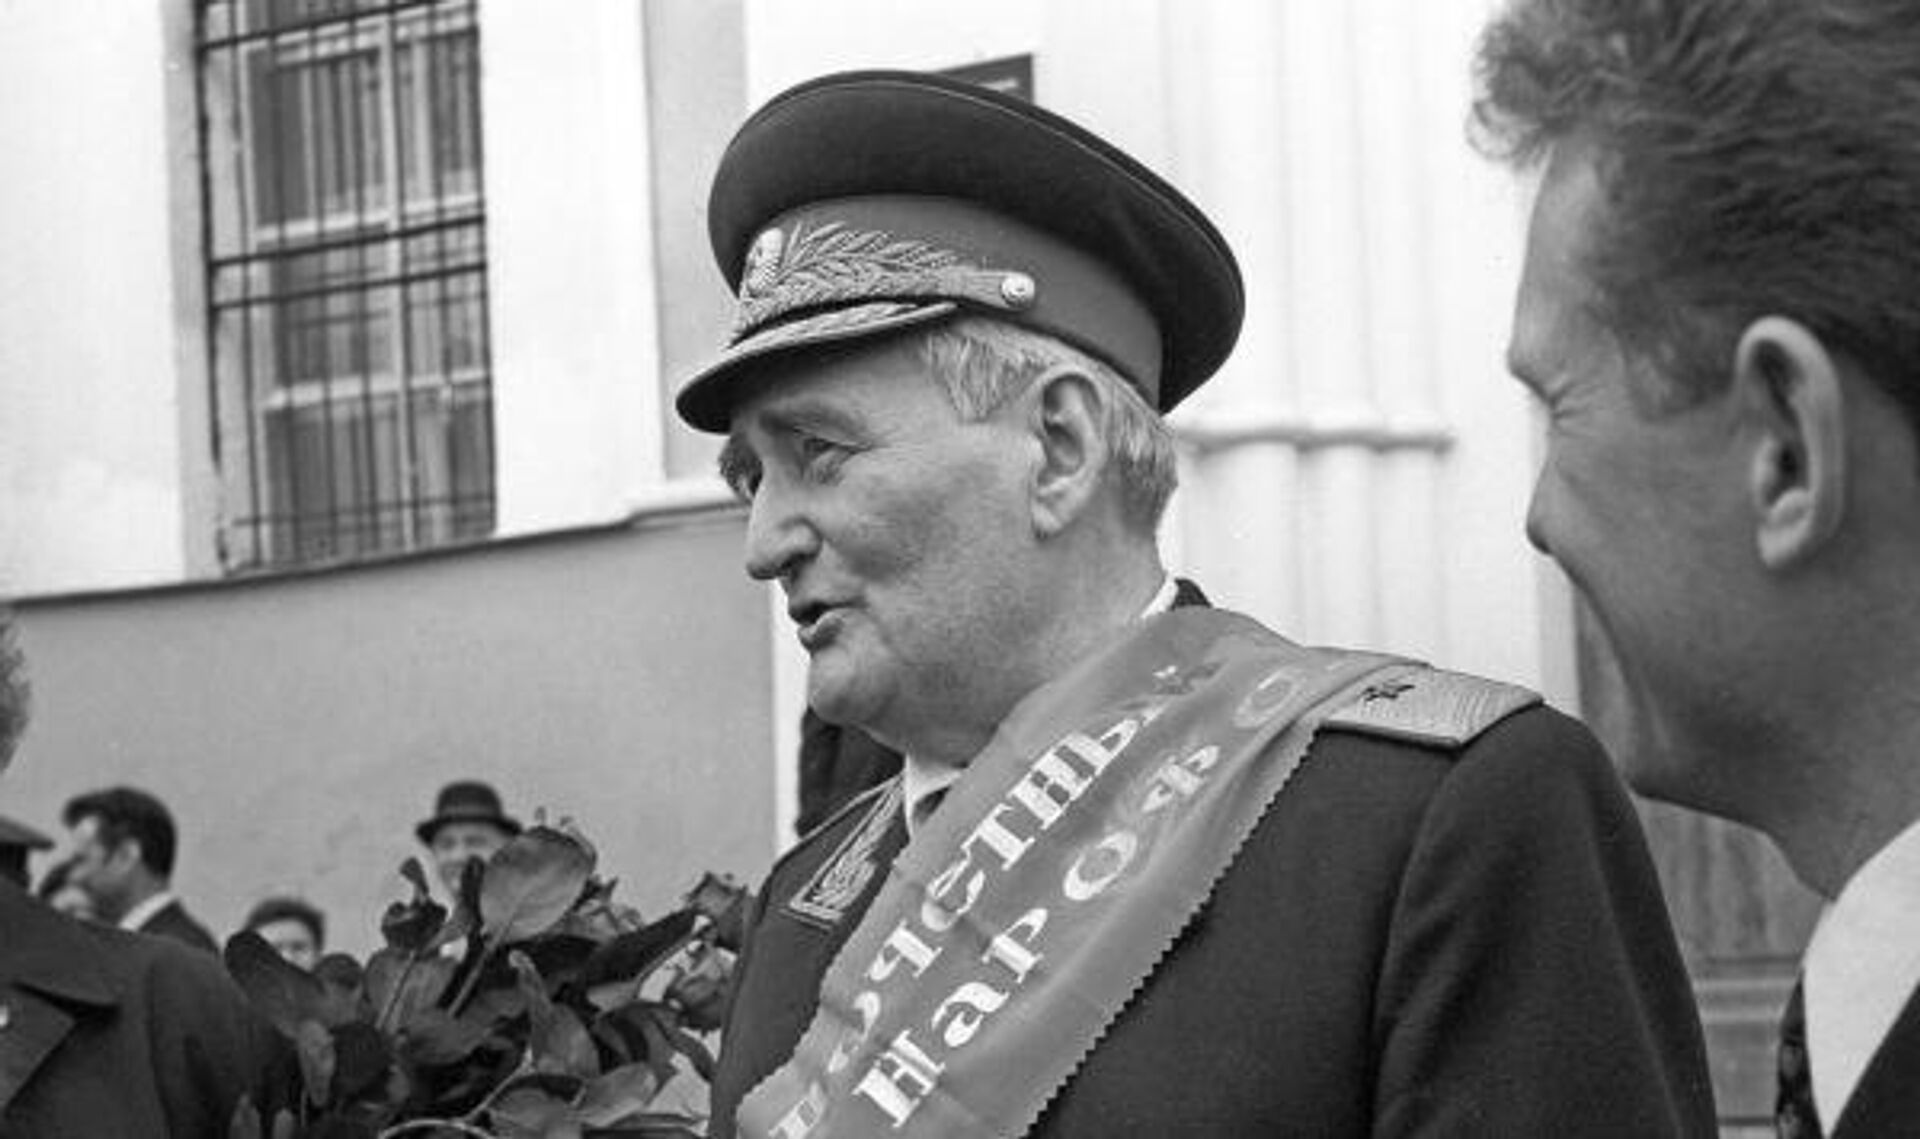 Командир 201-й латышской стрелковой дивизии в годы ВОВ Ян Янович Вейкин  - Sputnik Латвия, 1920, 27.06.2021